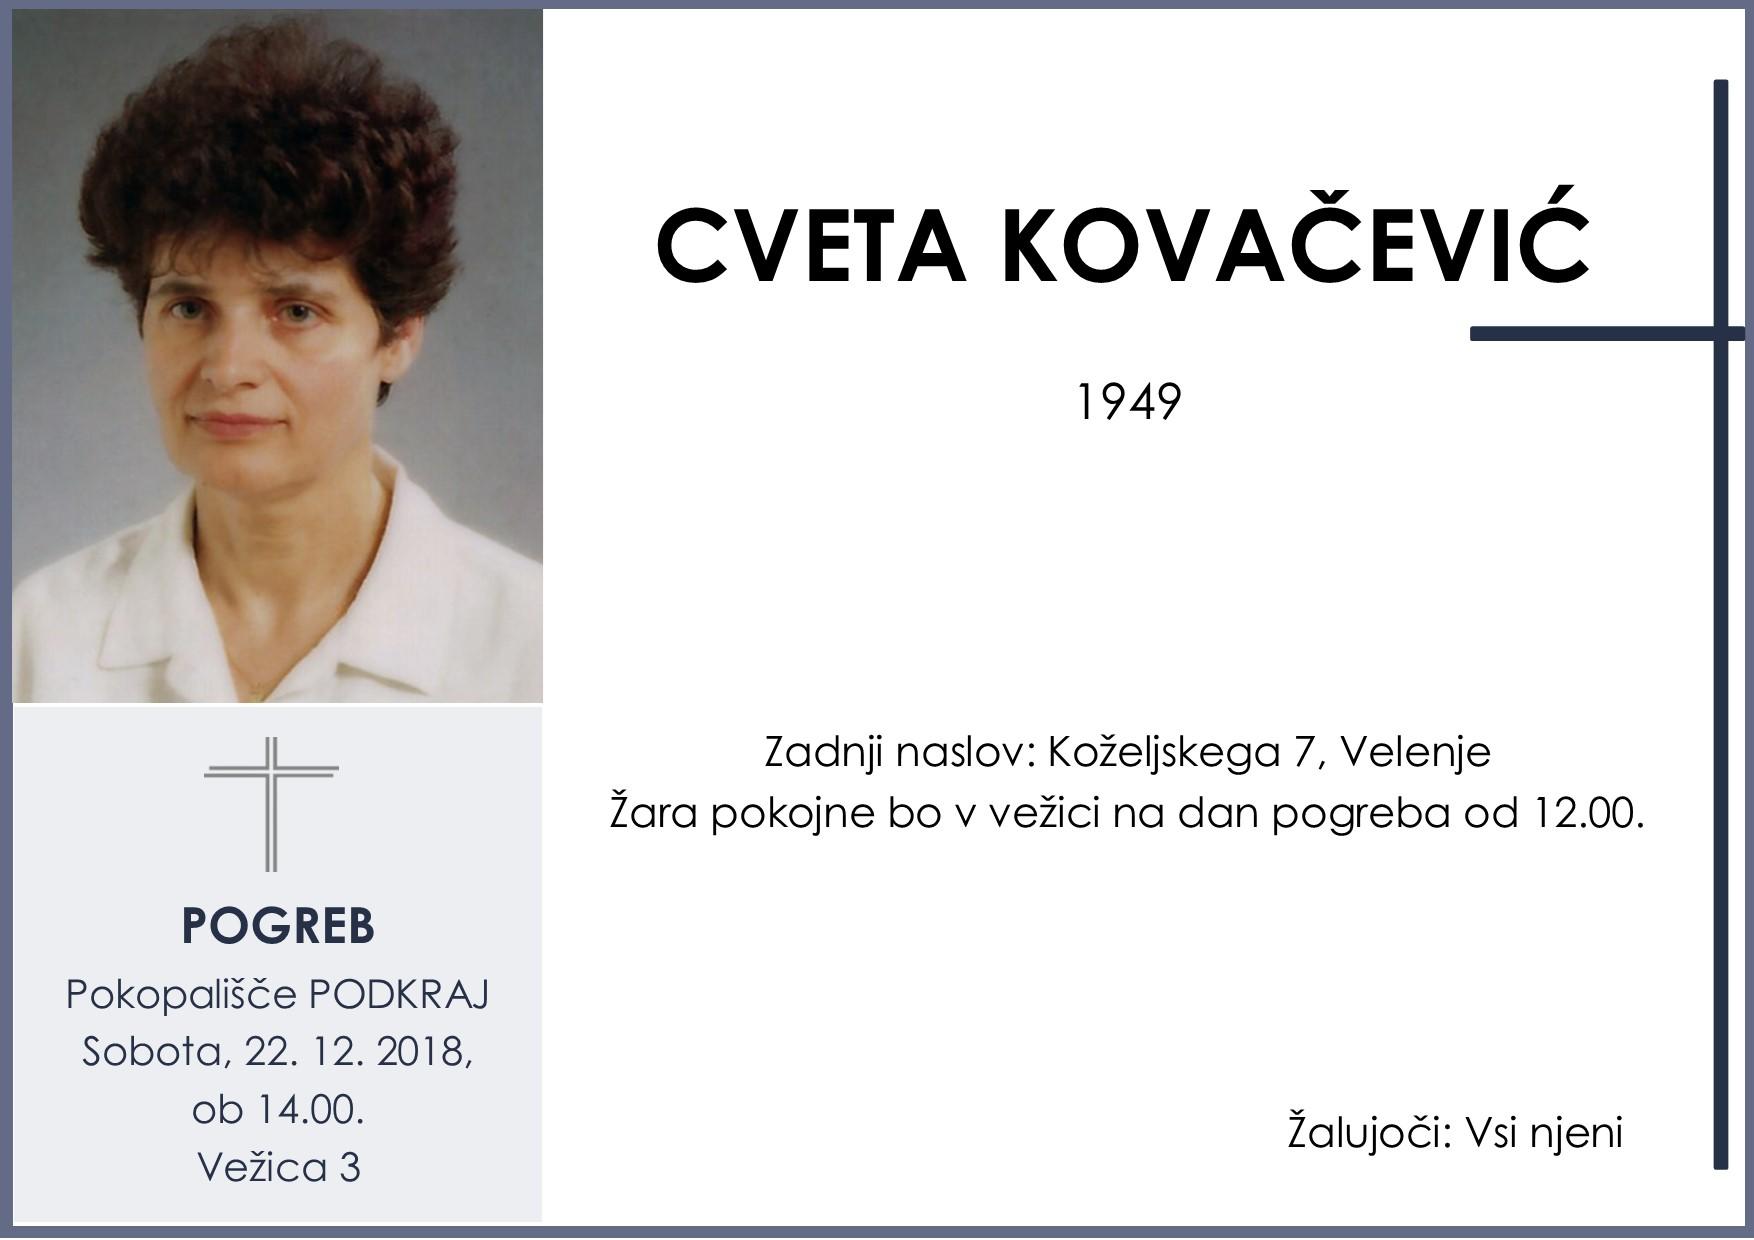 CVETA KOVAČEVIĆ, Podkraj, 22. 12. 2018